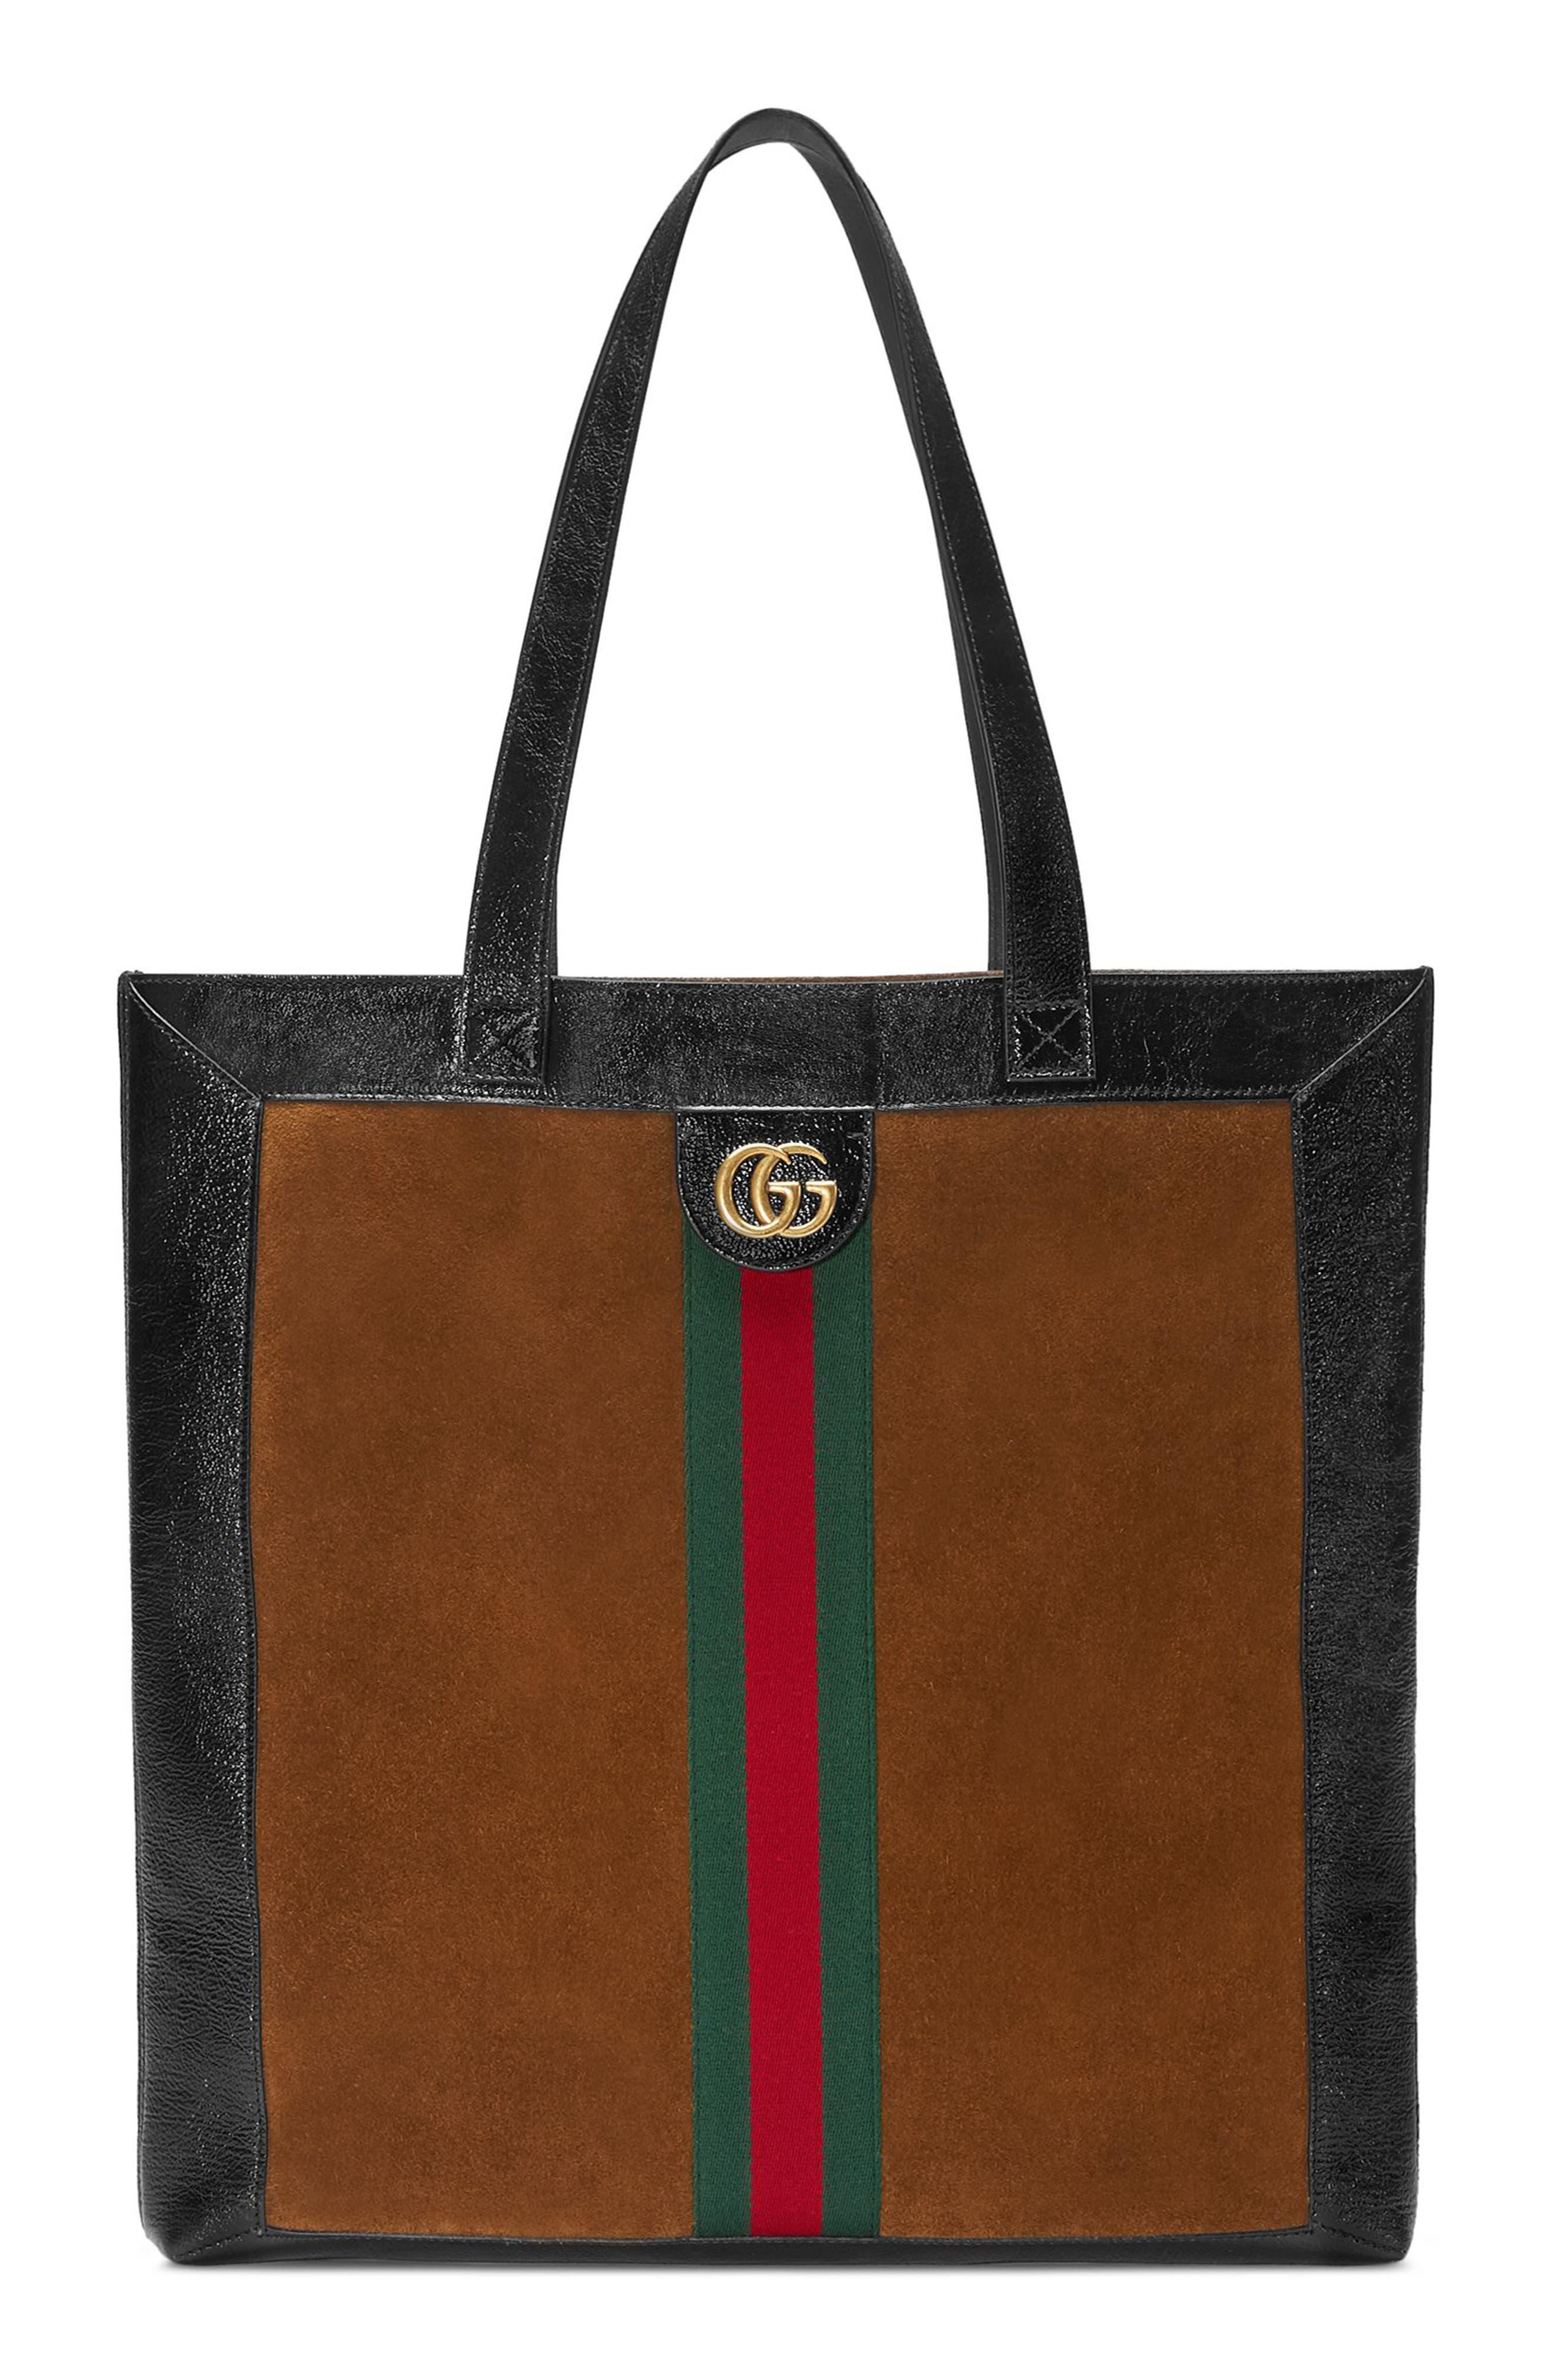 Gucci Small Suede Tote Bag